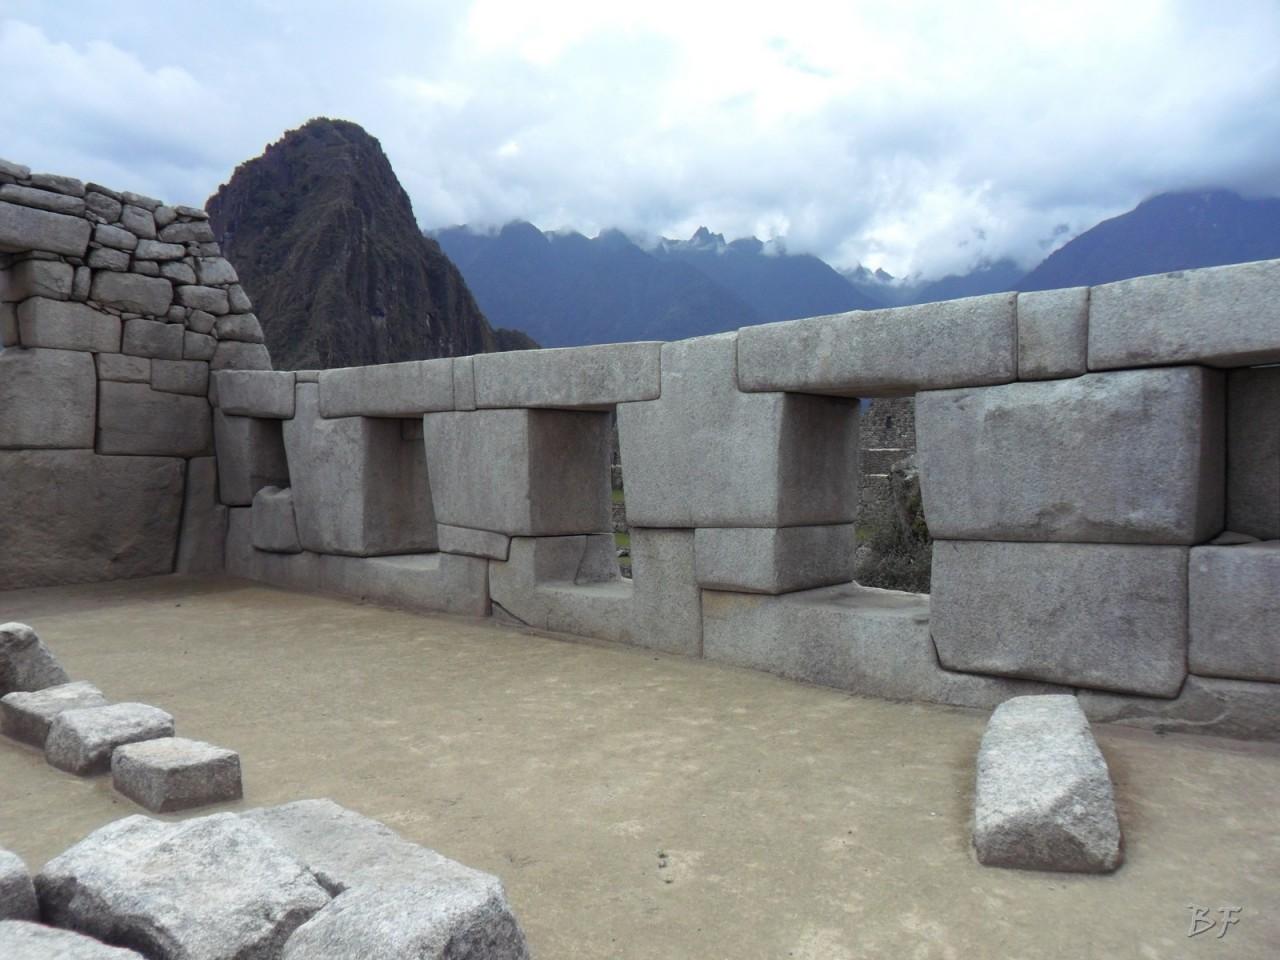 Mura-Poligonali-Incisioni-Altari-Edifici-Rupestri-Megaliti-Machu-Picchu-Aguas-Calientes-Urubamba-Cusco-Perù-103